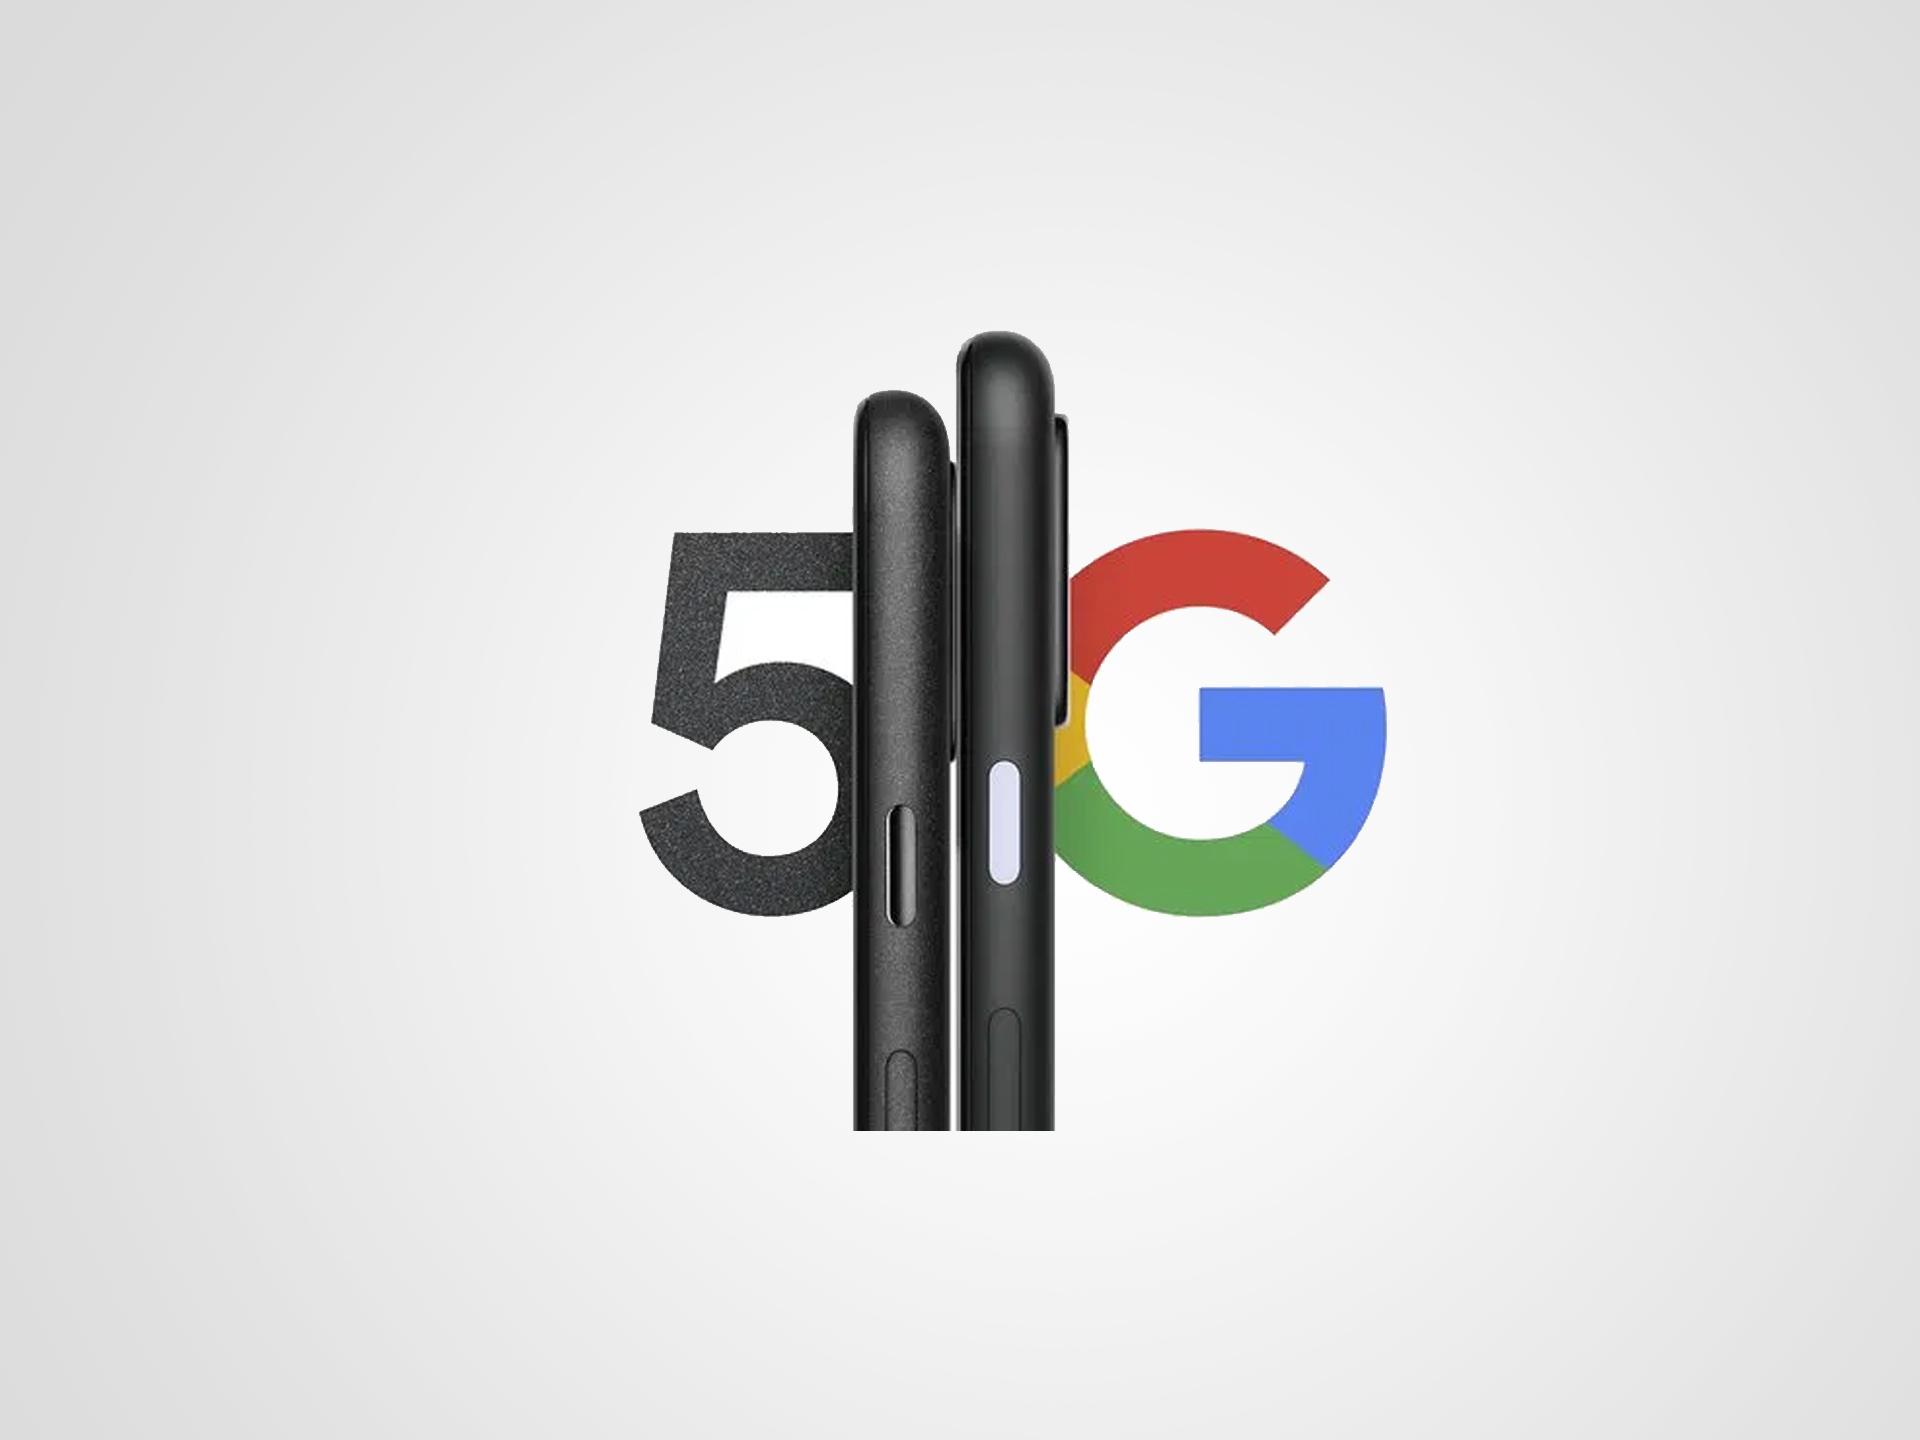 Google Pixel 5 ispira gli artisti: gli ultimi sfondi realizzati